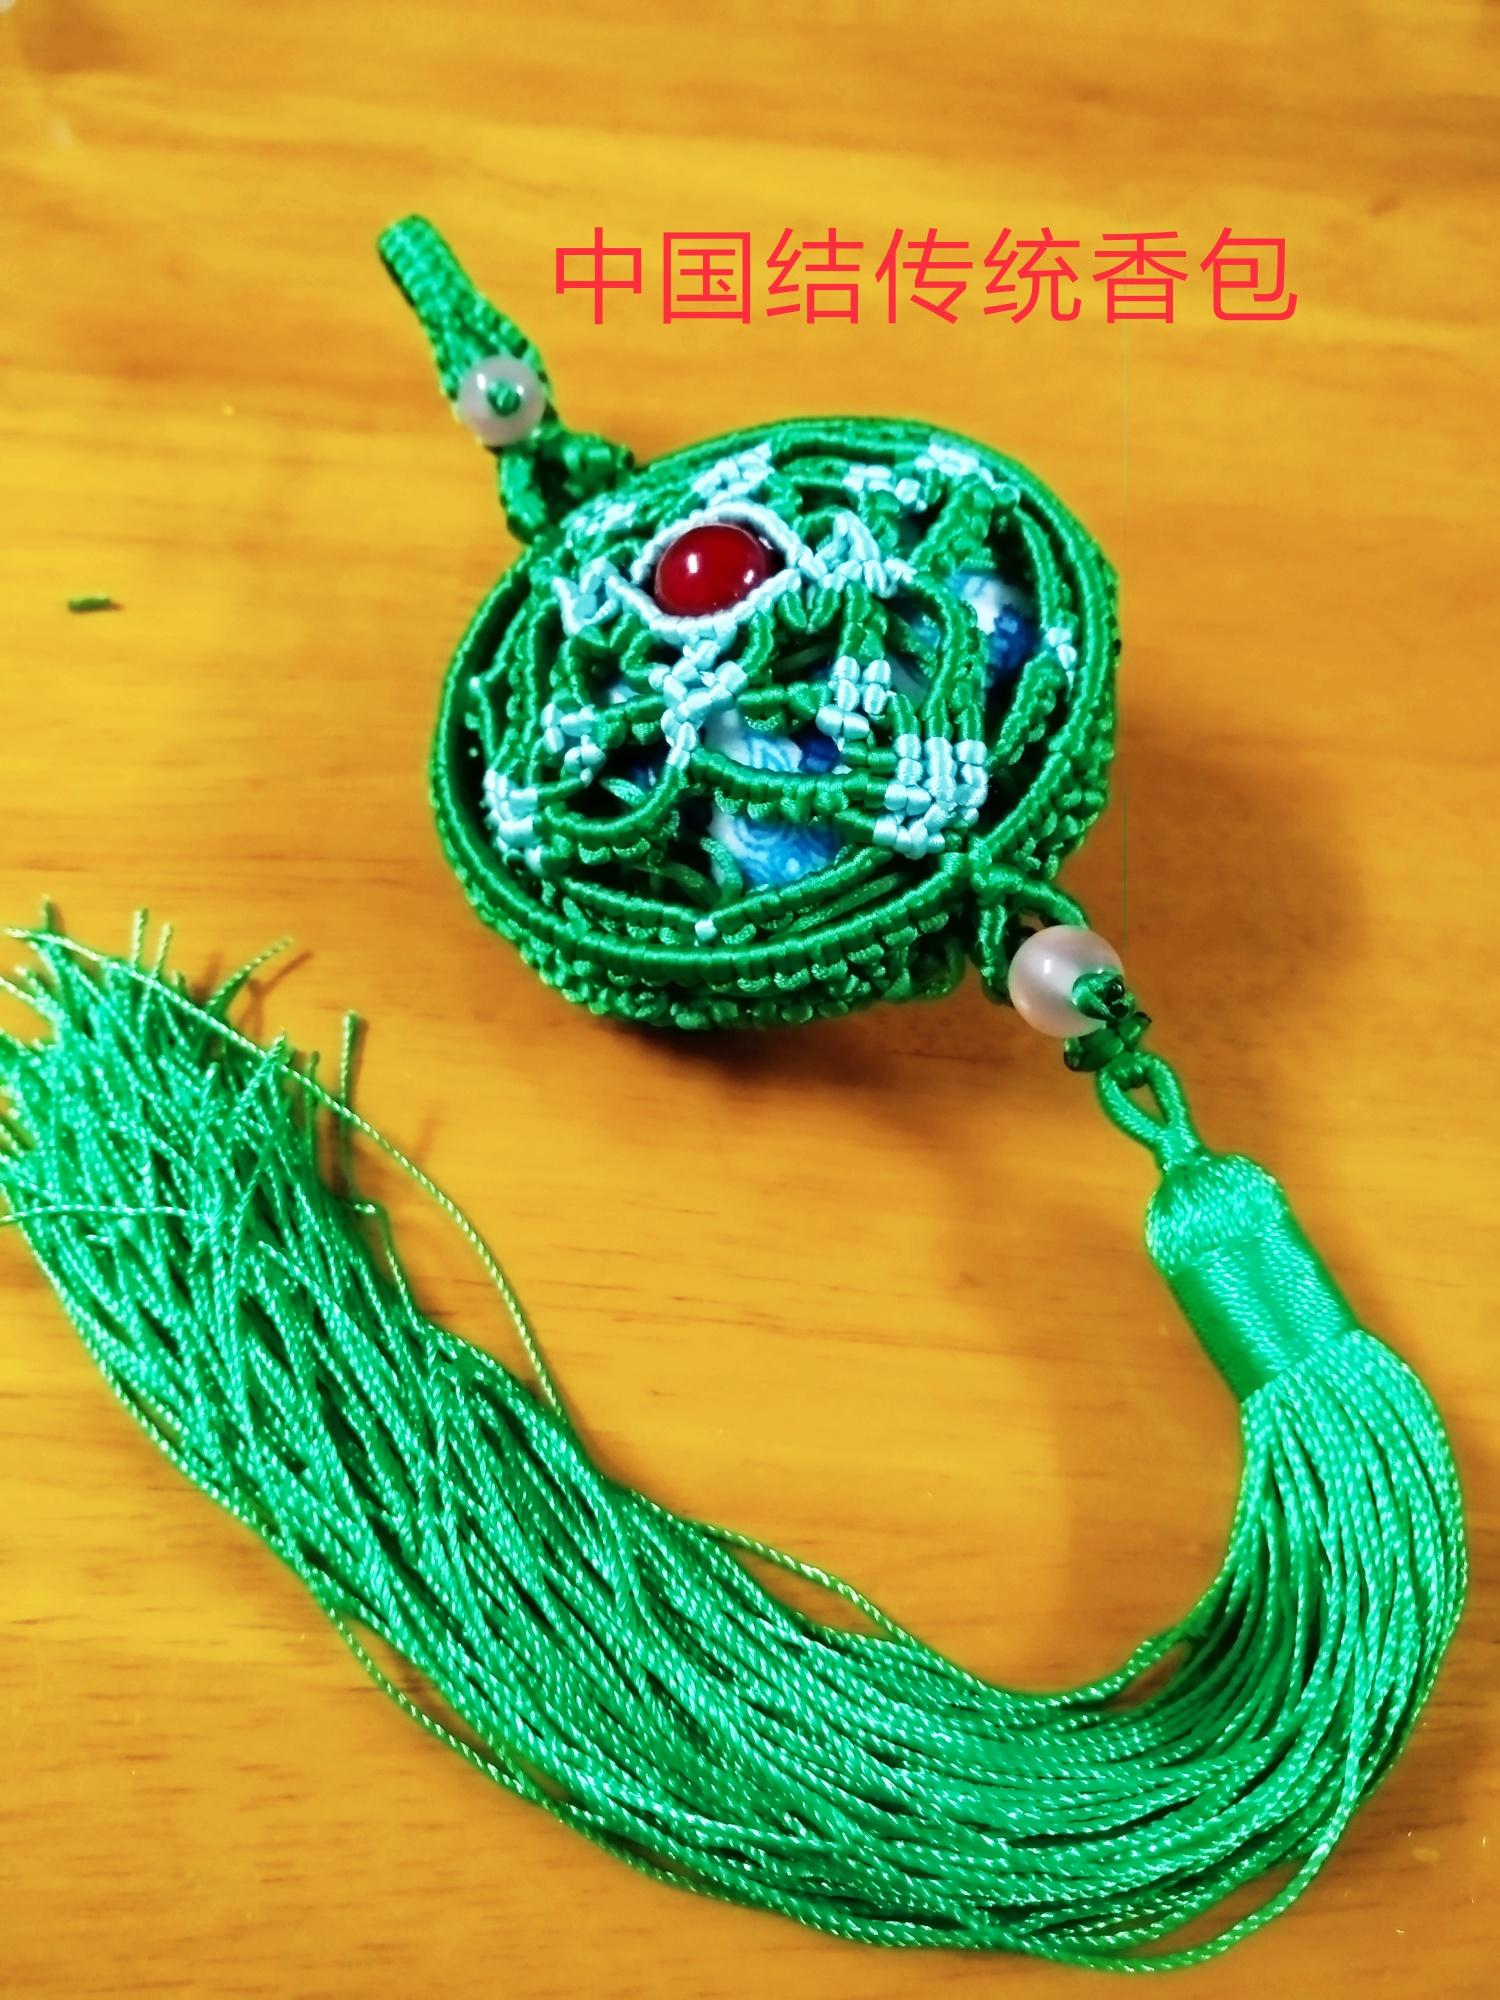 中国结论坛 |斜卷结挂饰  作品展示 025747ksetuhfdp6aohtp9